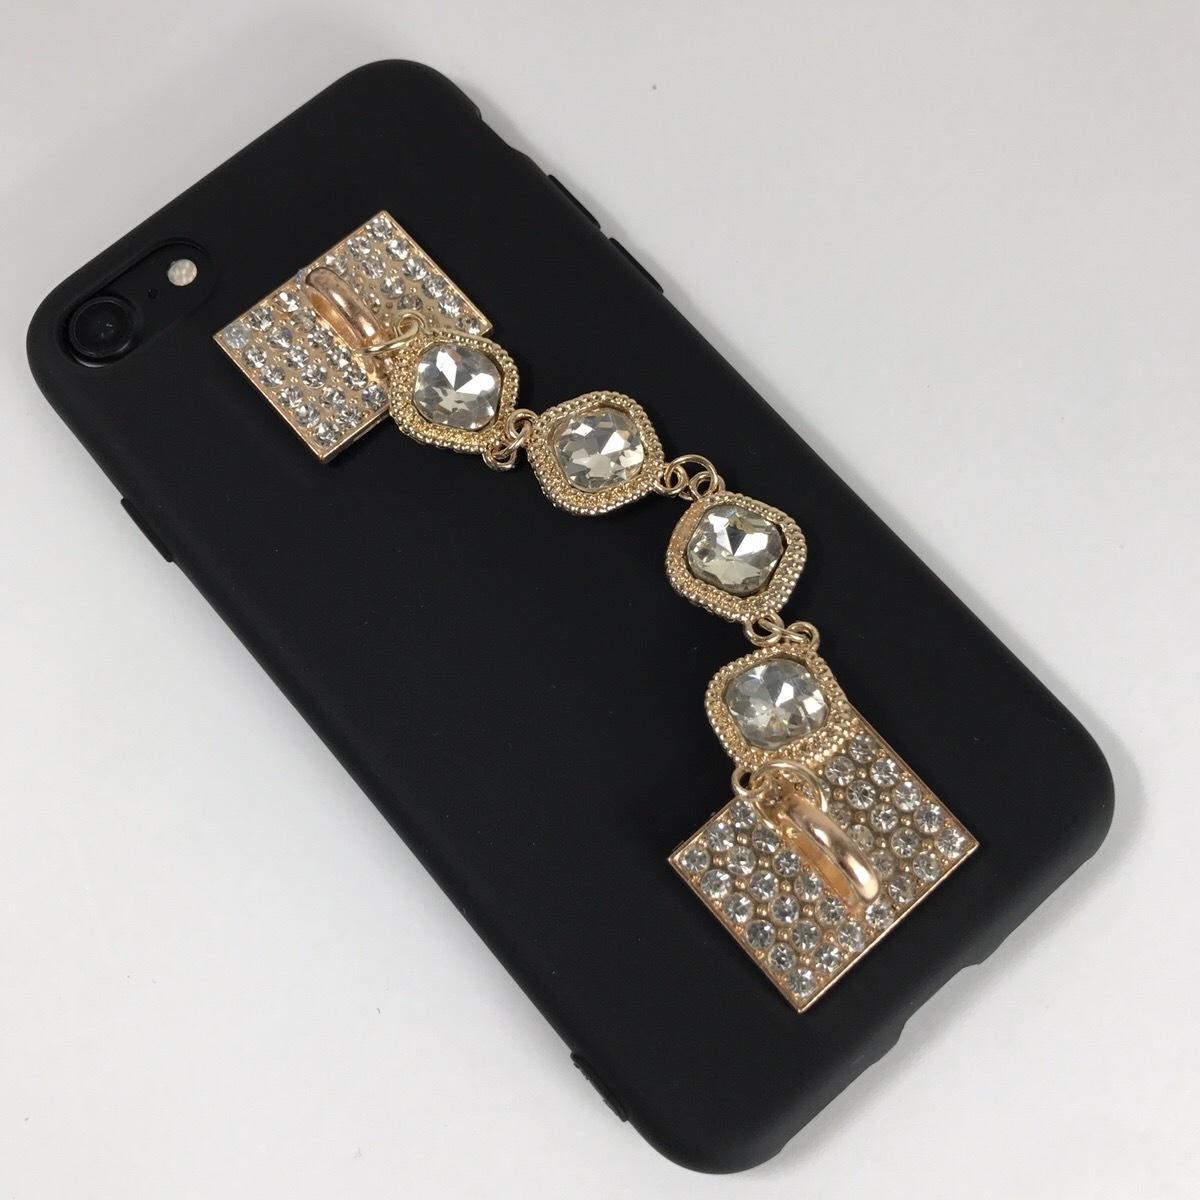 【送料無料】ブラックソフトケースにシンプルジュエリーを iPhoneケース